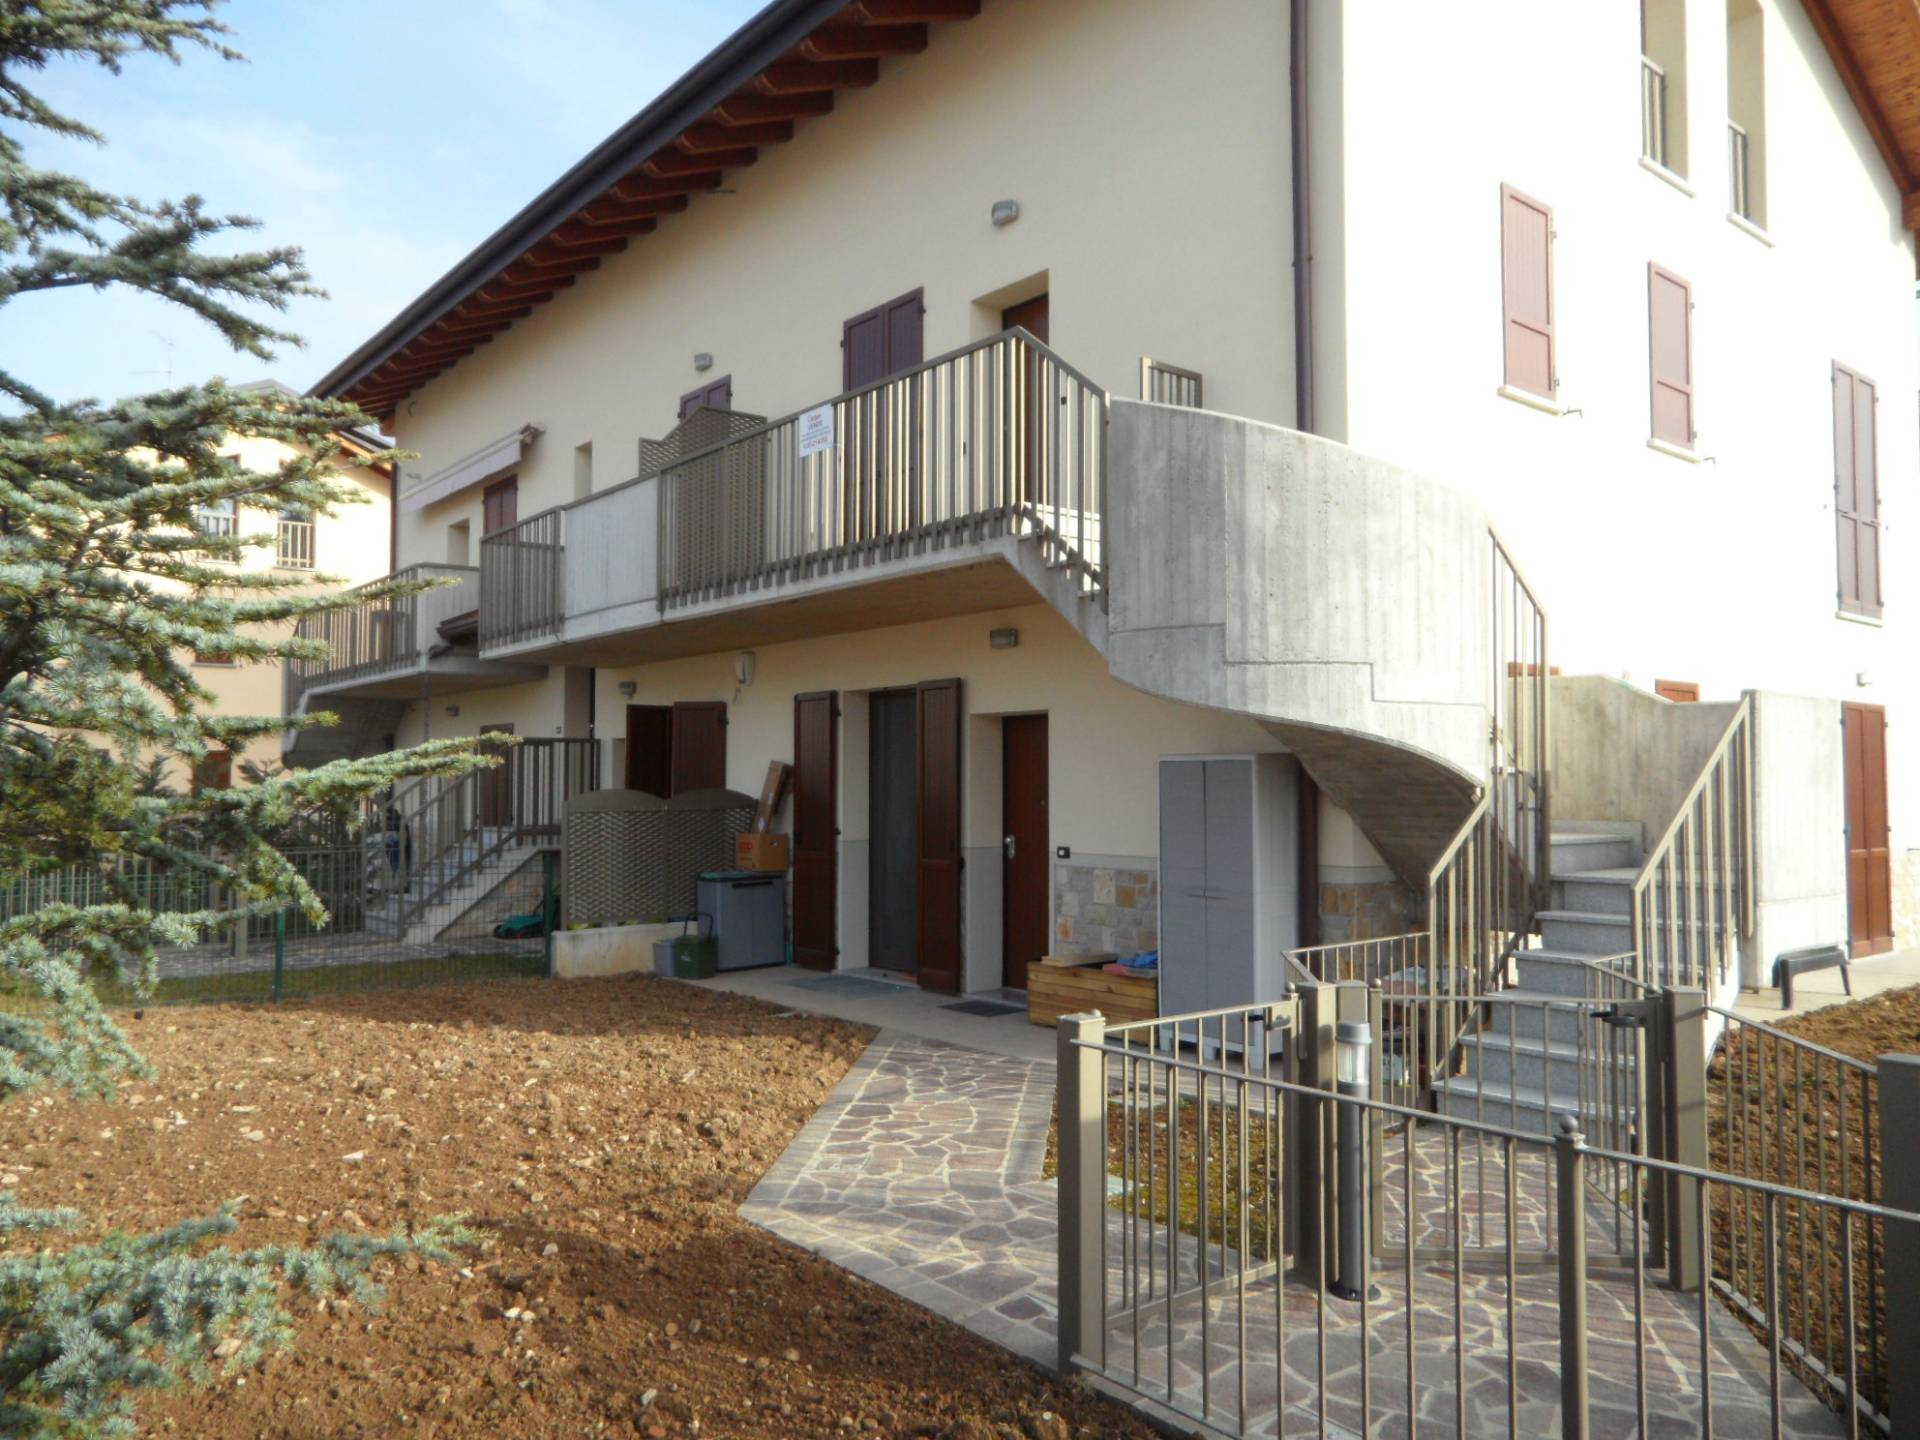 Appartamento in vendita a Grassobbio, 4 locali, prezzo € 213.000 | PortaleAgenzieImmobiliari.it